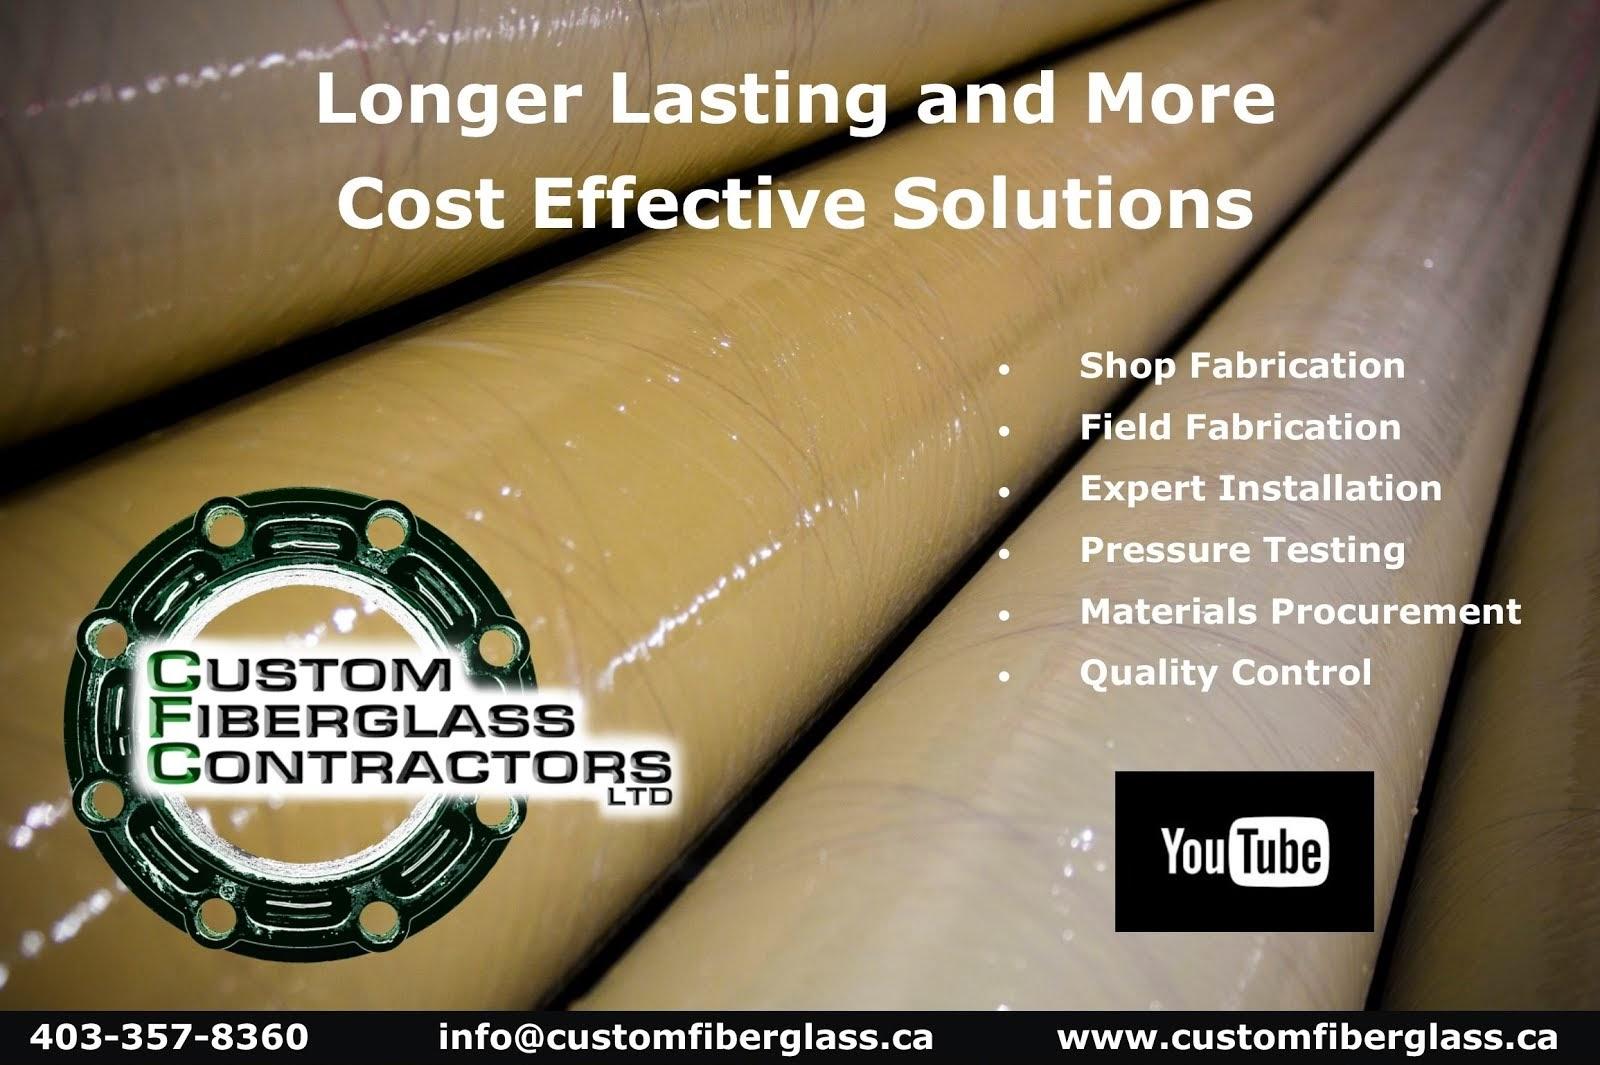 Custom Fiberglass Contractors